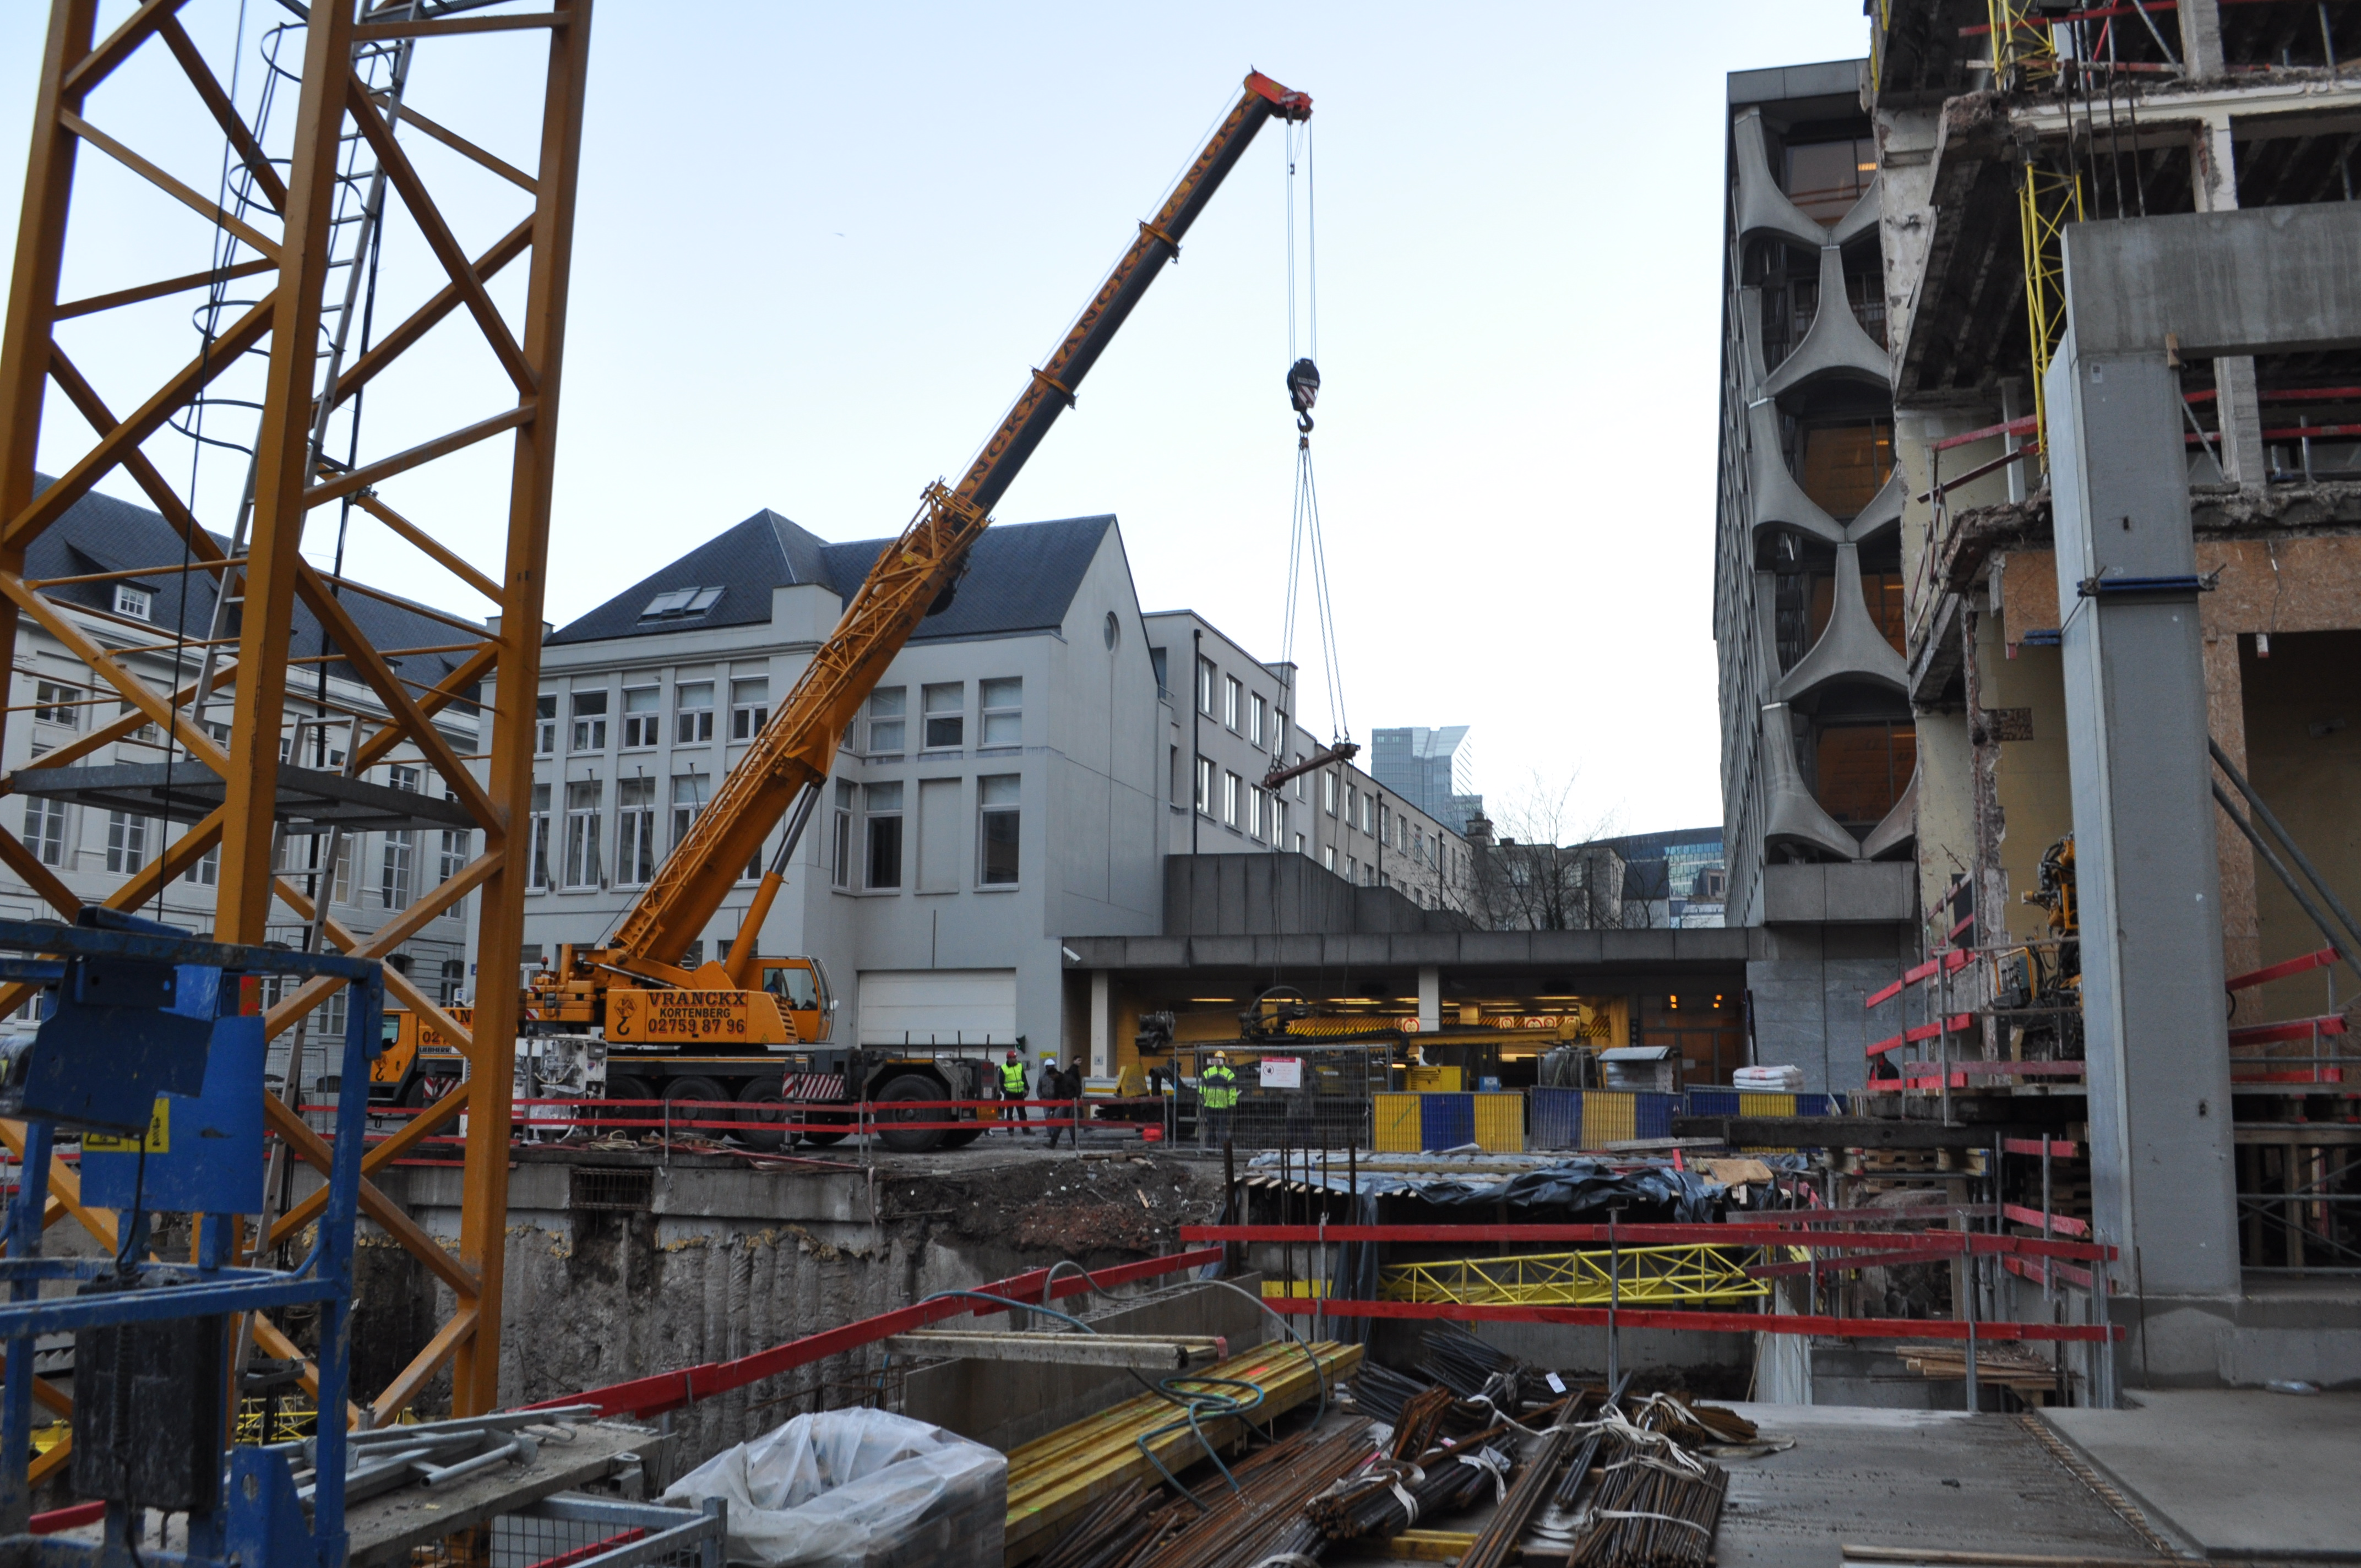 chantier-bruxelles-centre-forage-installation-pompe-puits-geothermie-eurodrill-liege-belgique-18